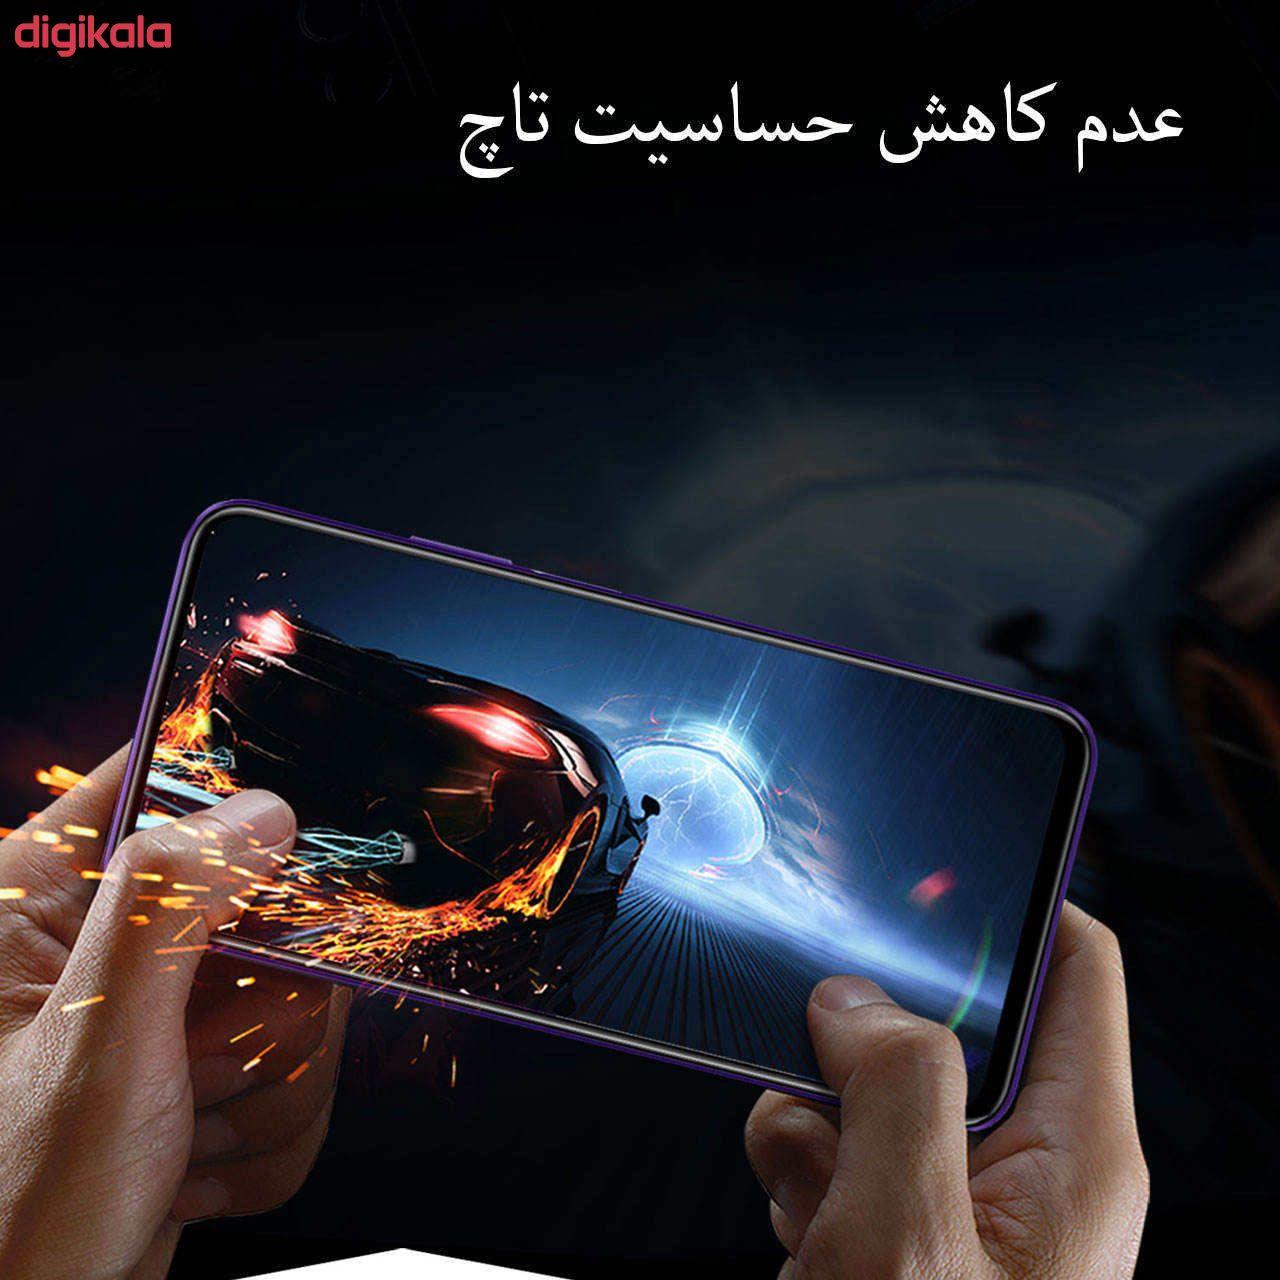 محافظ صفحه نمایش کوالا مدل FUC-01 مناسب برای گوشی موبایل سامسونگ Galaxy A12 main 1 4